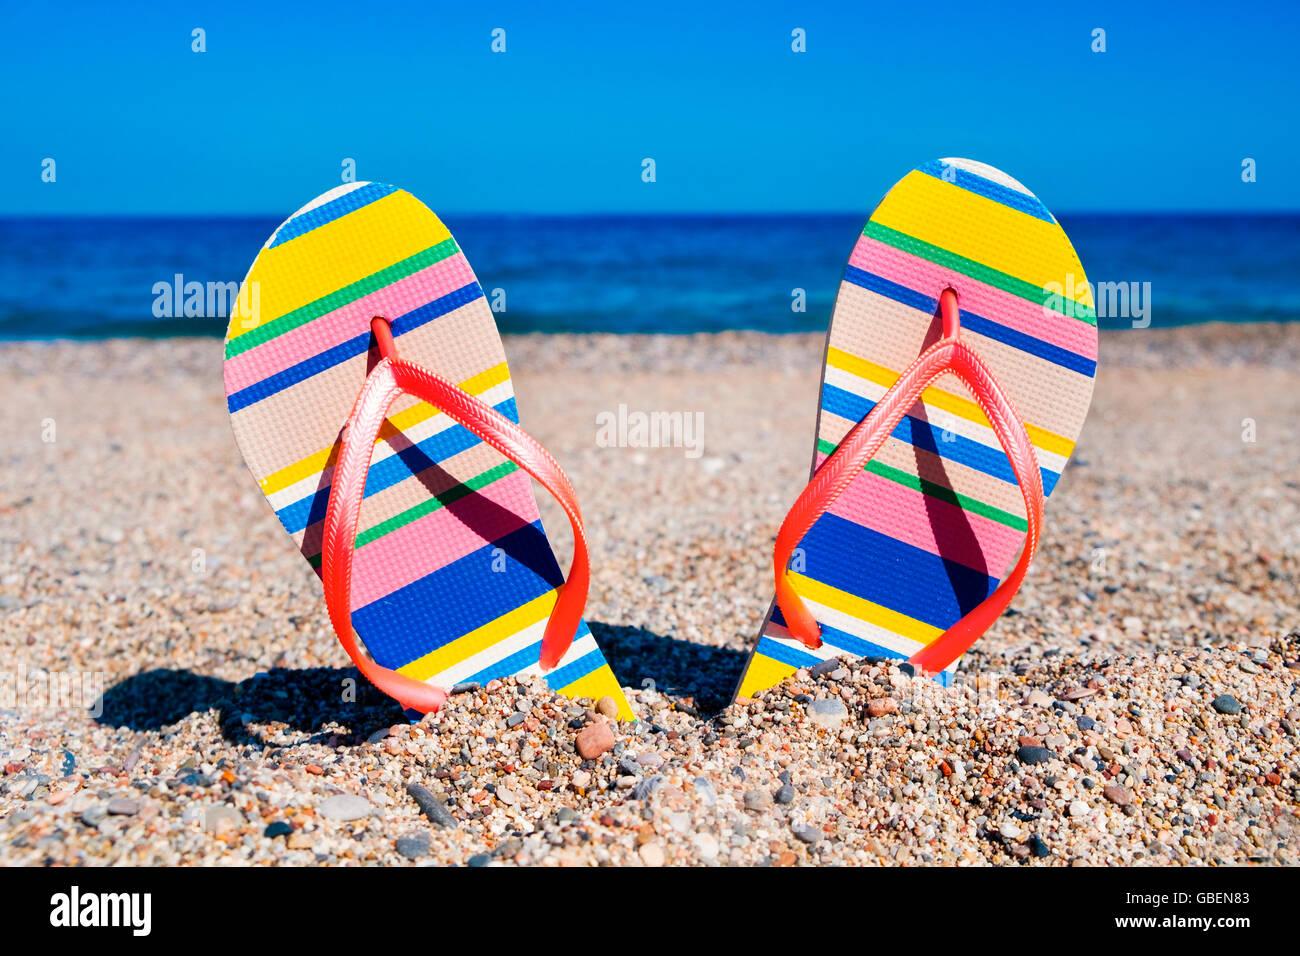 Primo piano di una coppia di strisce colorate flip-flop con cinghie di rosa bloccato sulla sabbia di una spiaggia Immagini Stock